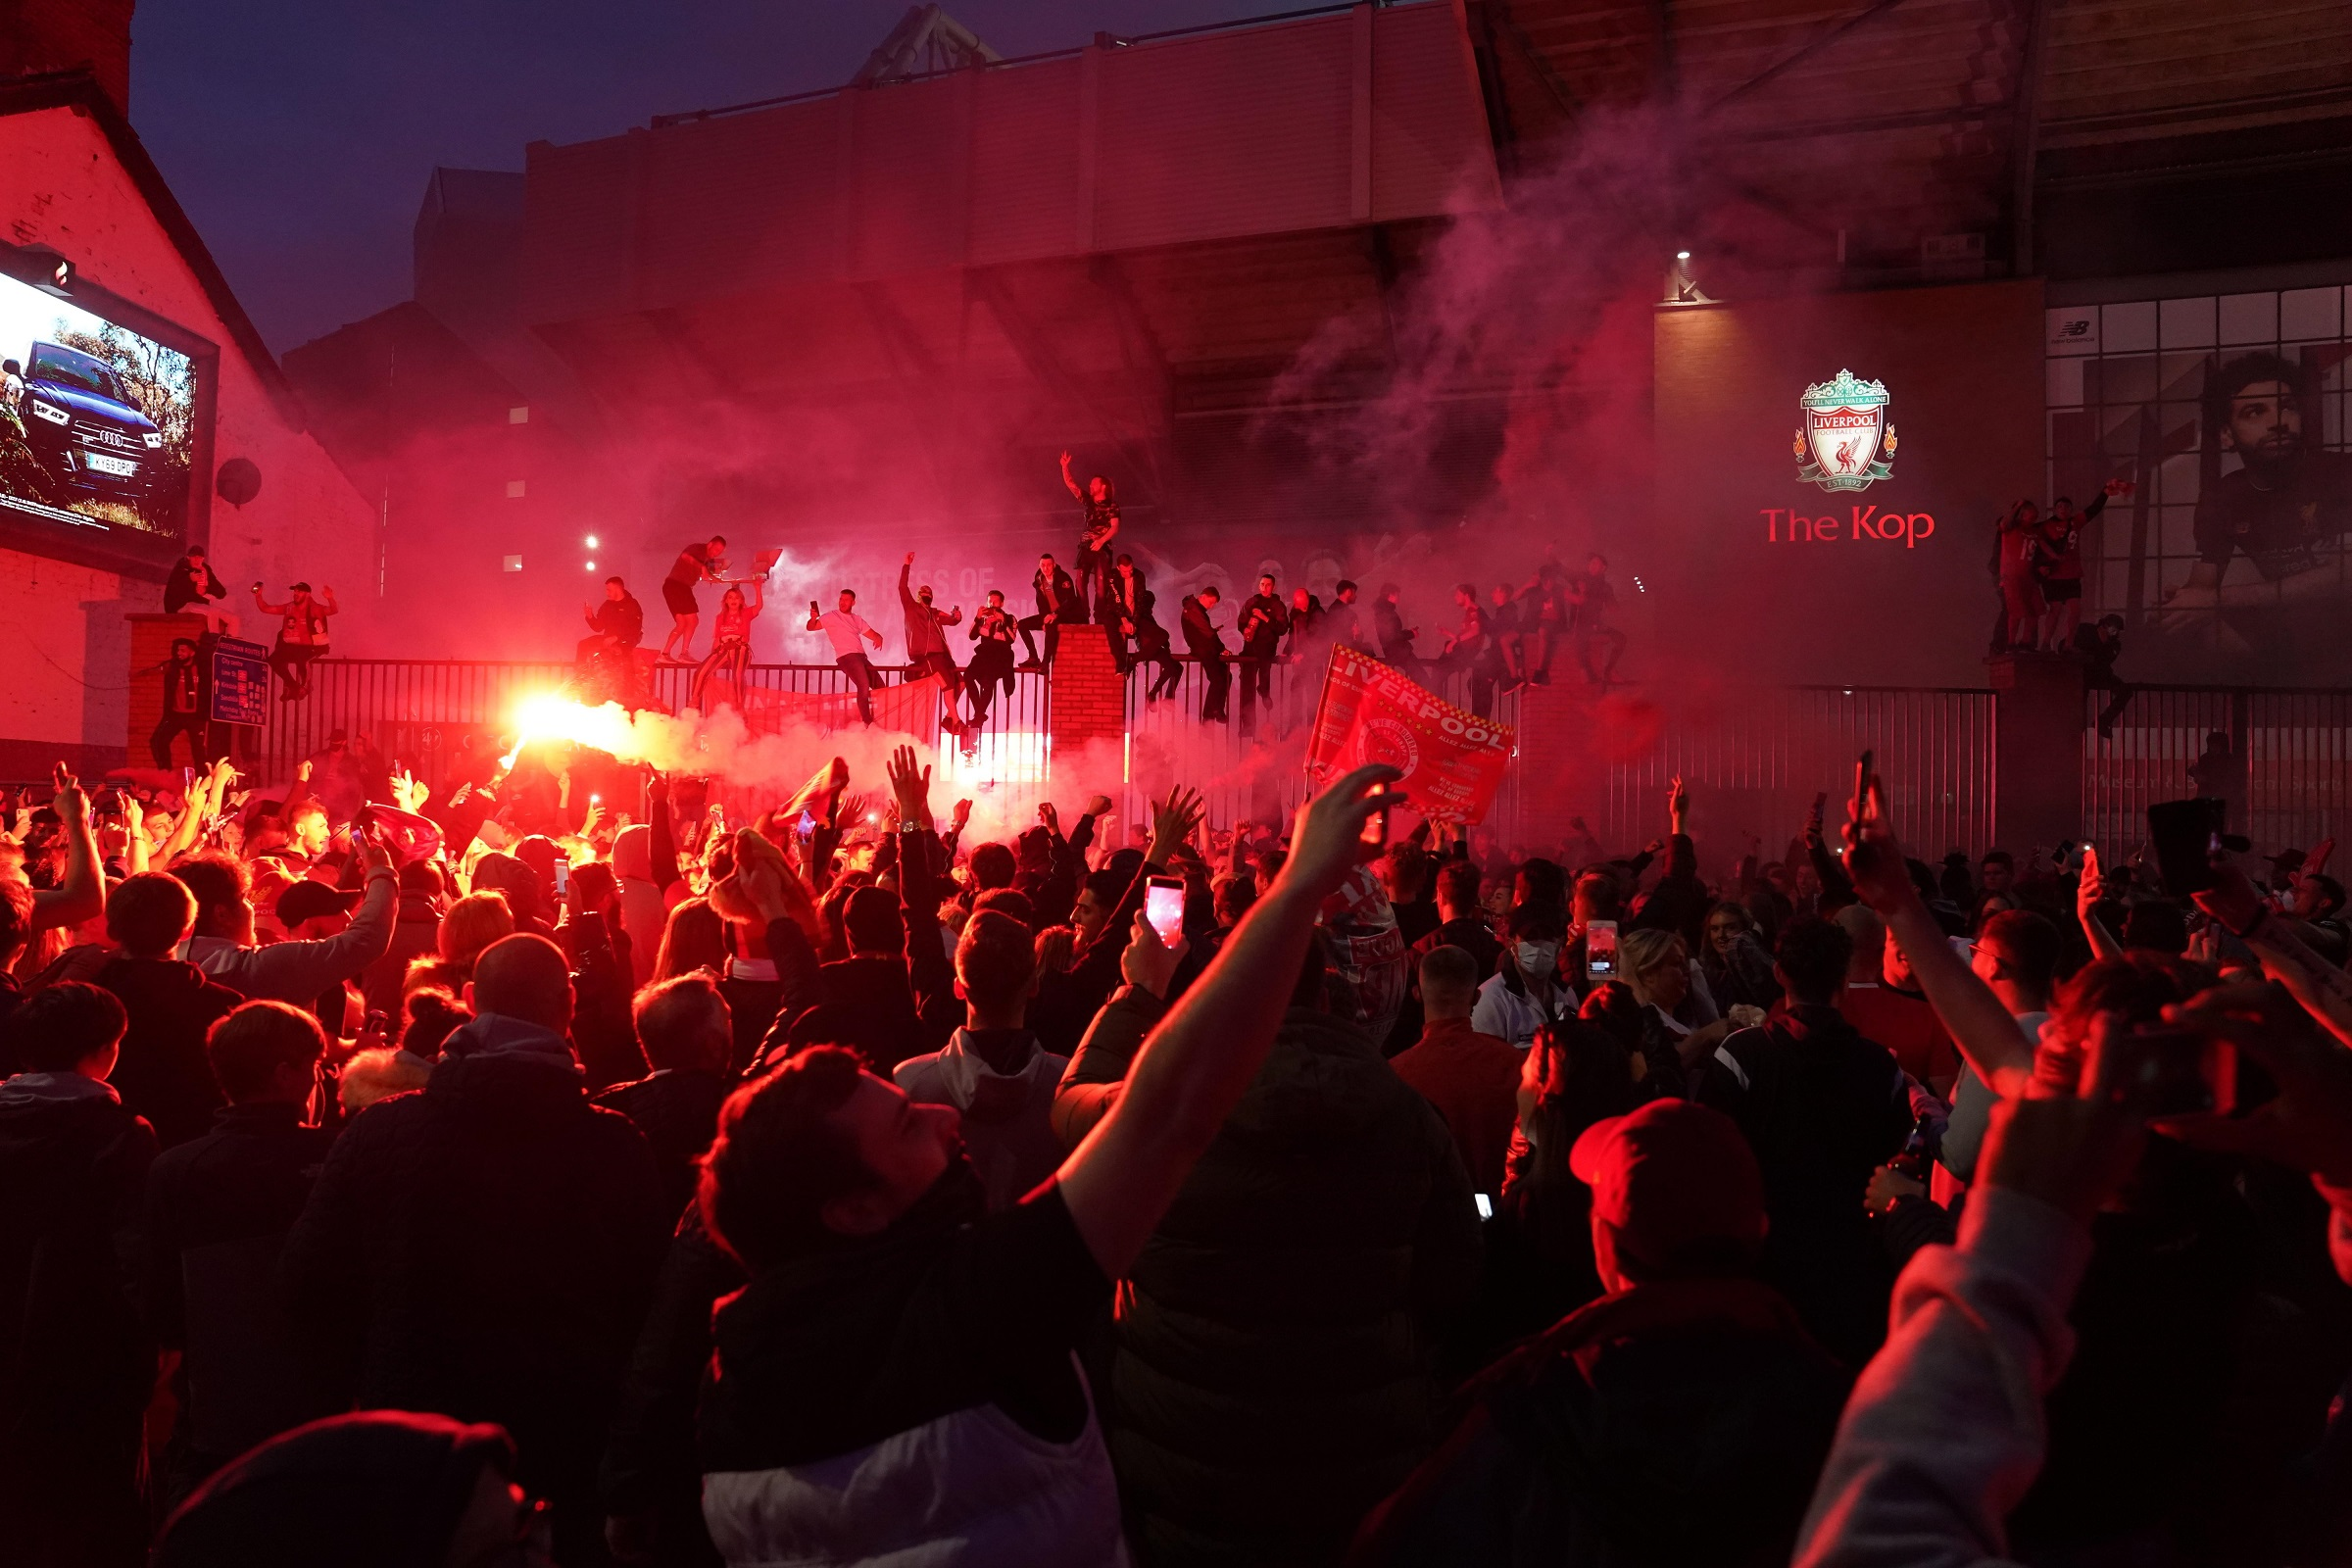 Las mejores imágenes de un esperado título: Locura en Liverpool 5